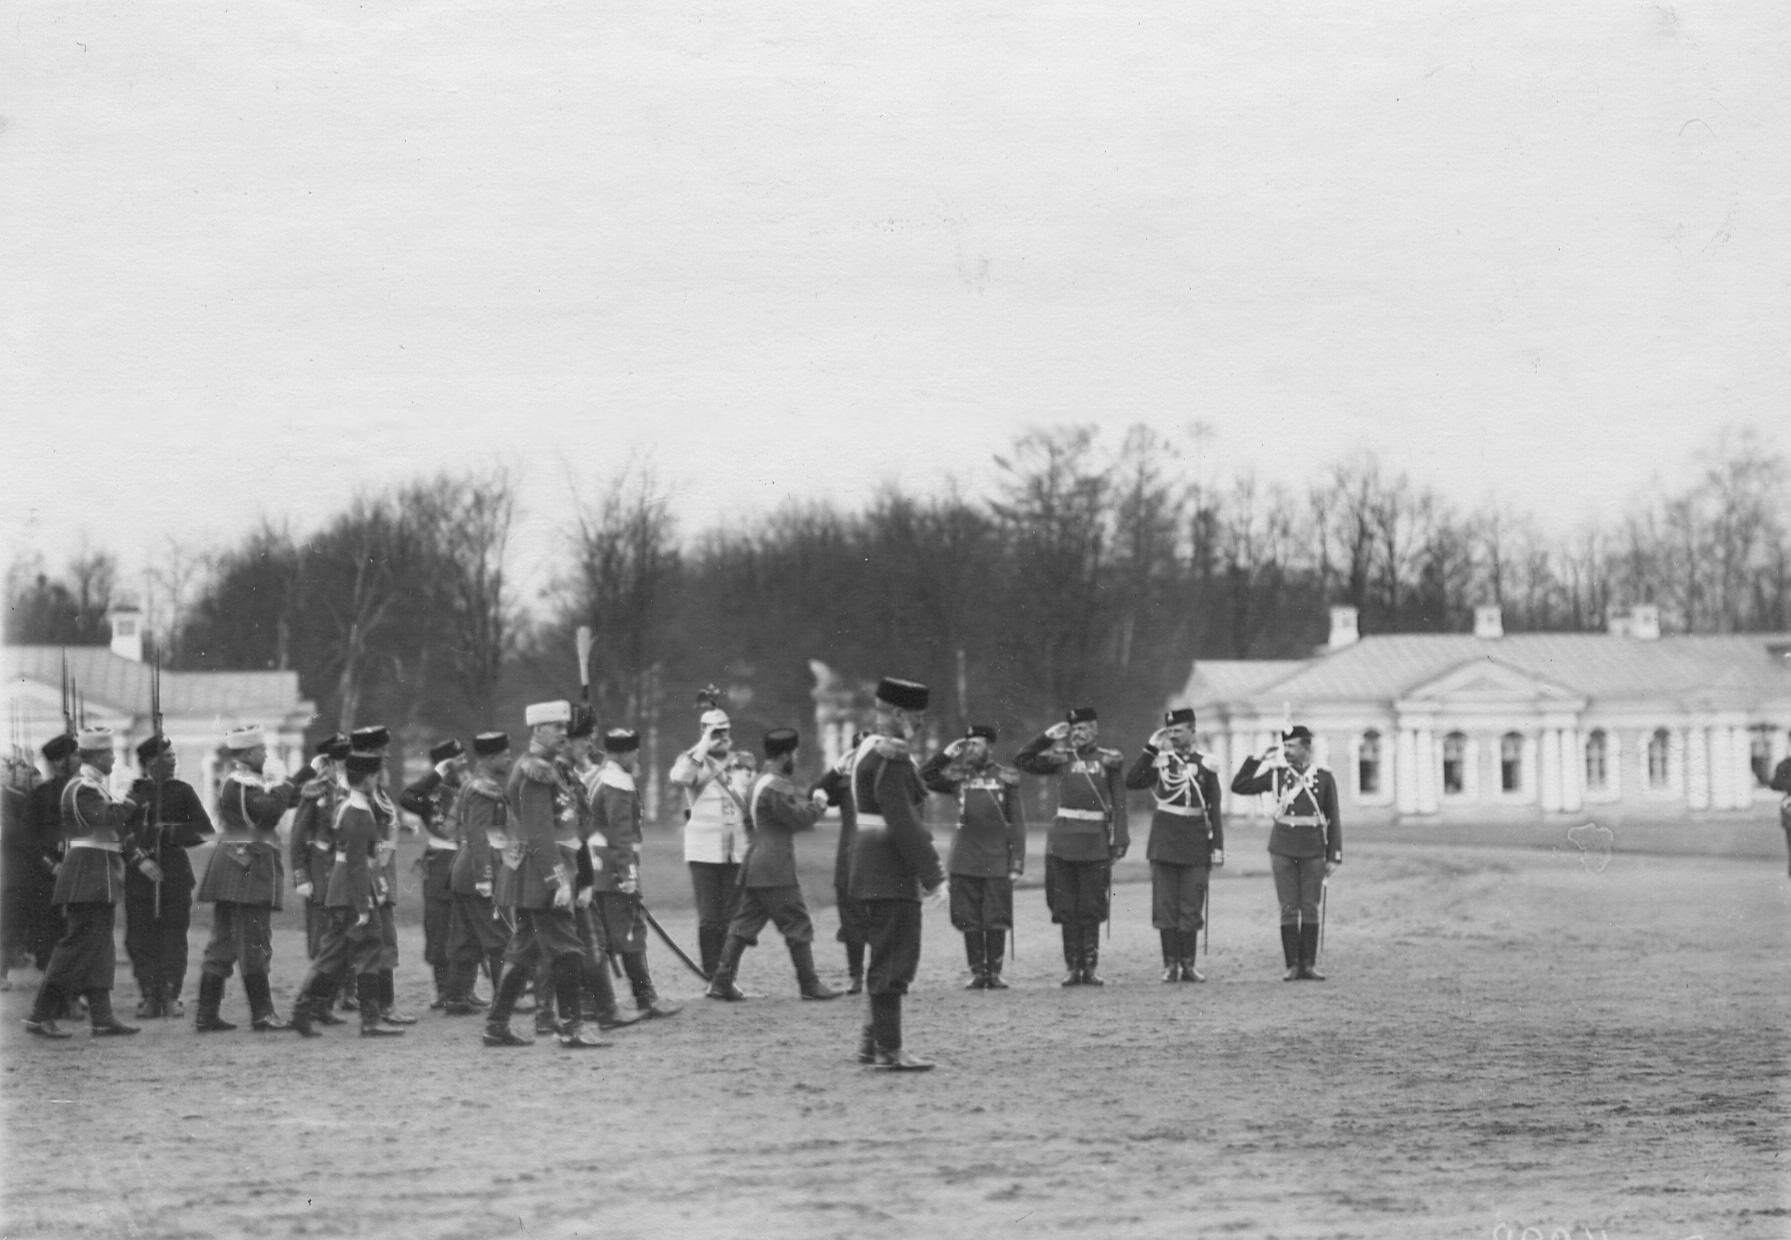 Император Николай II приветствует генералов и офицеров ранее служивших во 2-ом Царскосельском стрелковом батальоне.